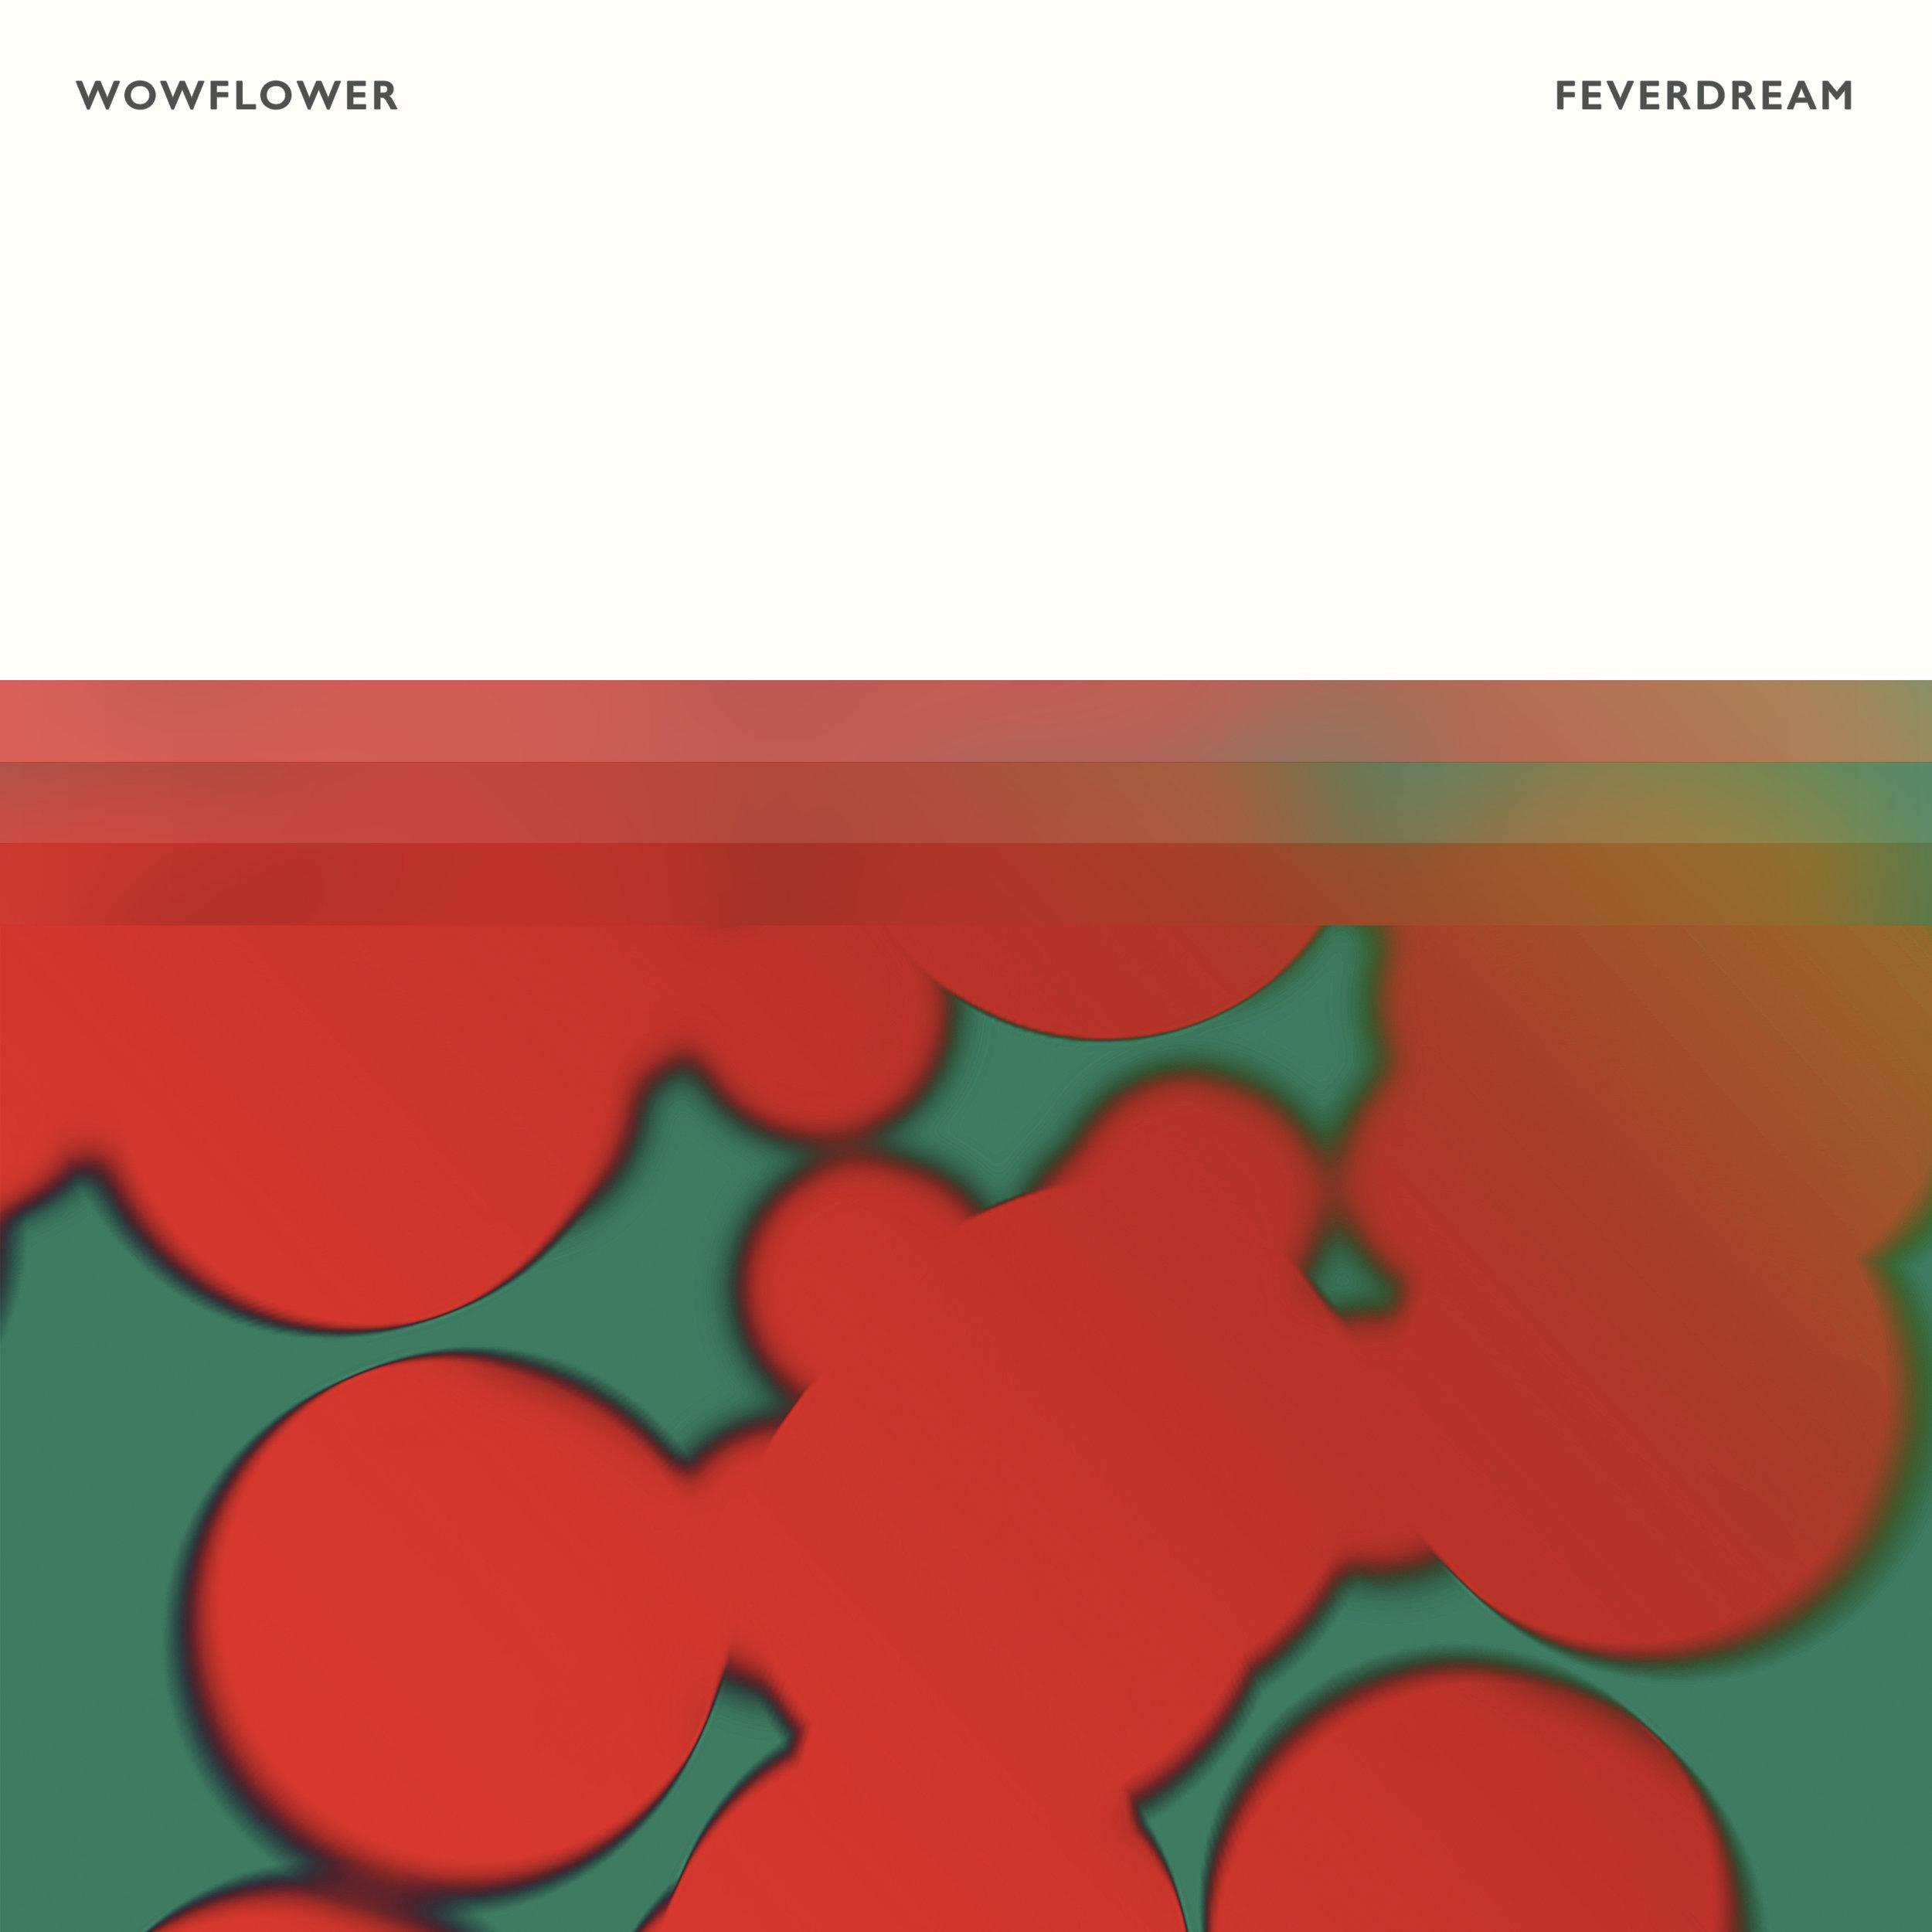 wowflower - feverdream